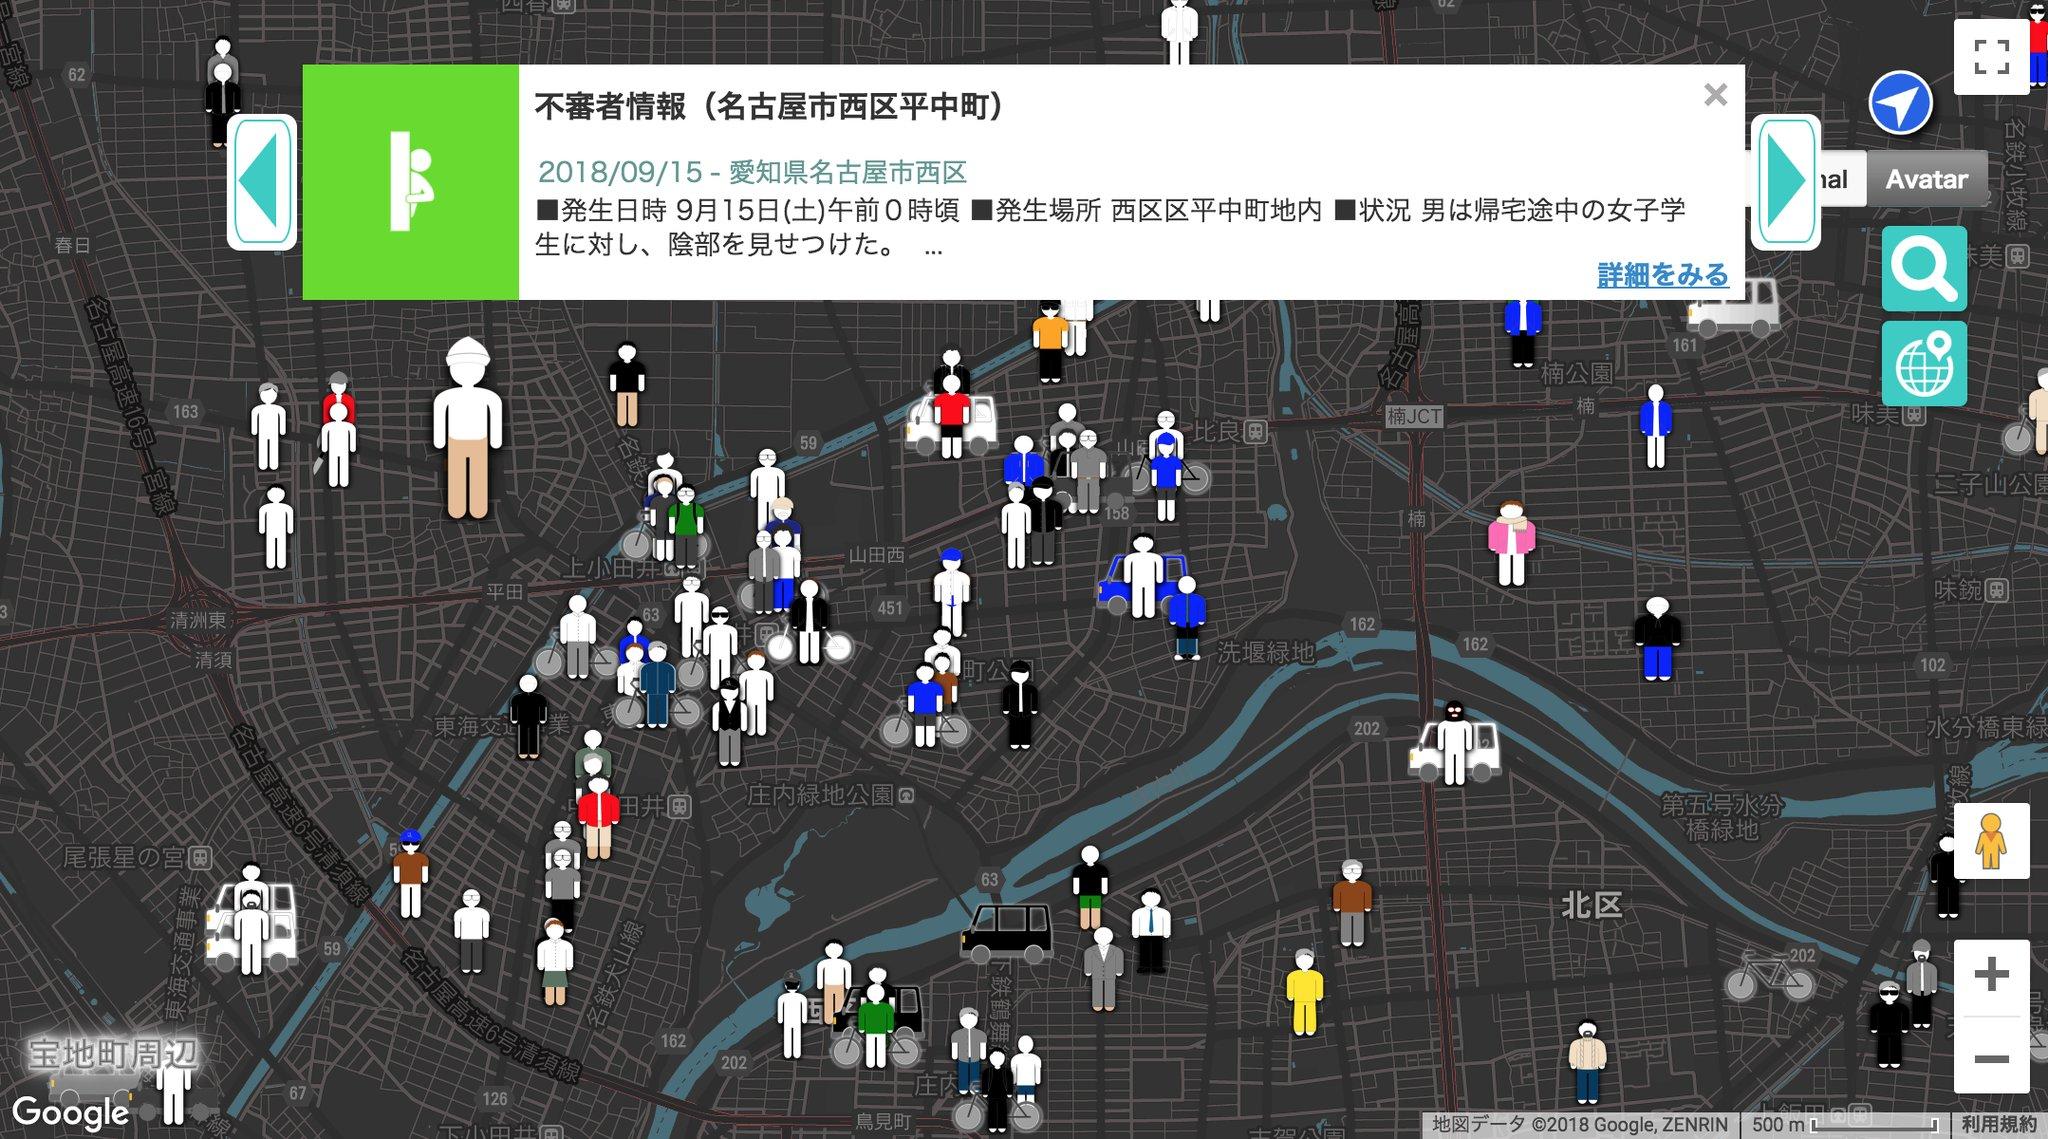 地図上に不審者アバターを表示するシステム。下半身が肌色 (うすだいだい) なのは、やっぱり露出。。。  「目撃者の証言を元に、不審者のイメージがつくように不審者をアバターで表現」  名古屋市西区比良四丁目周辺の治安情報|ガッコム安全ナビ https://t.co/cjodoL3ScV https://t.co/etuEEGe8QD